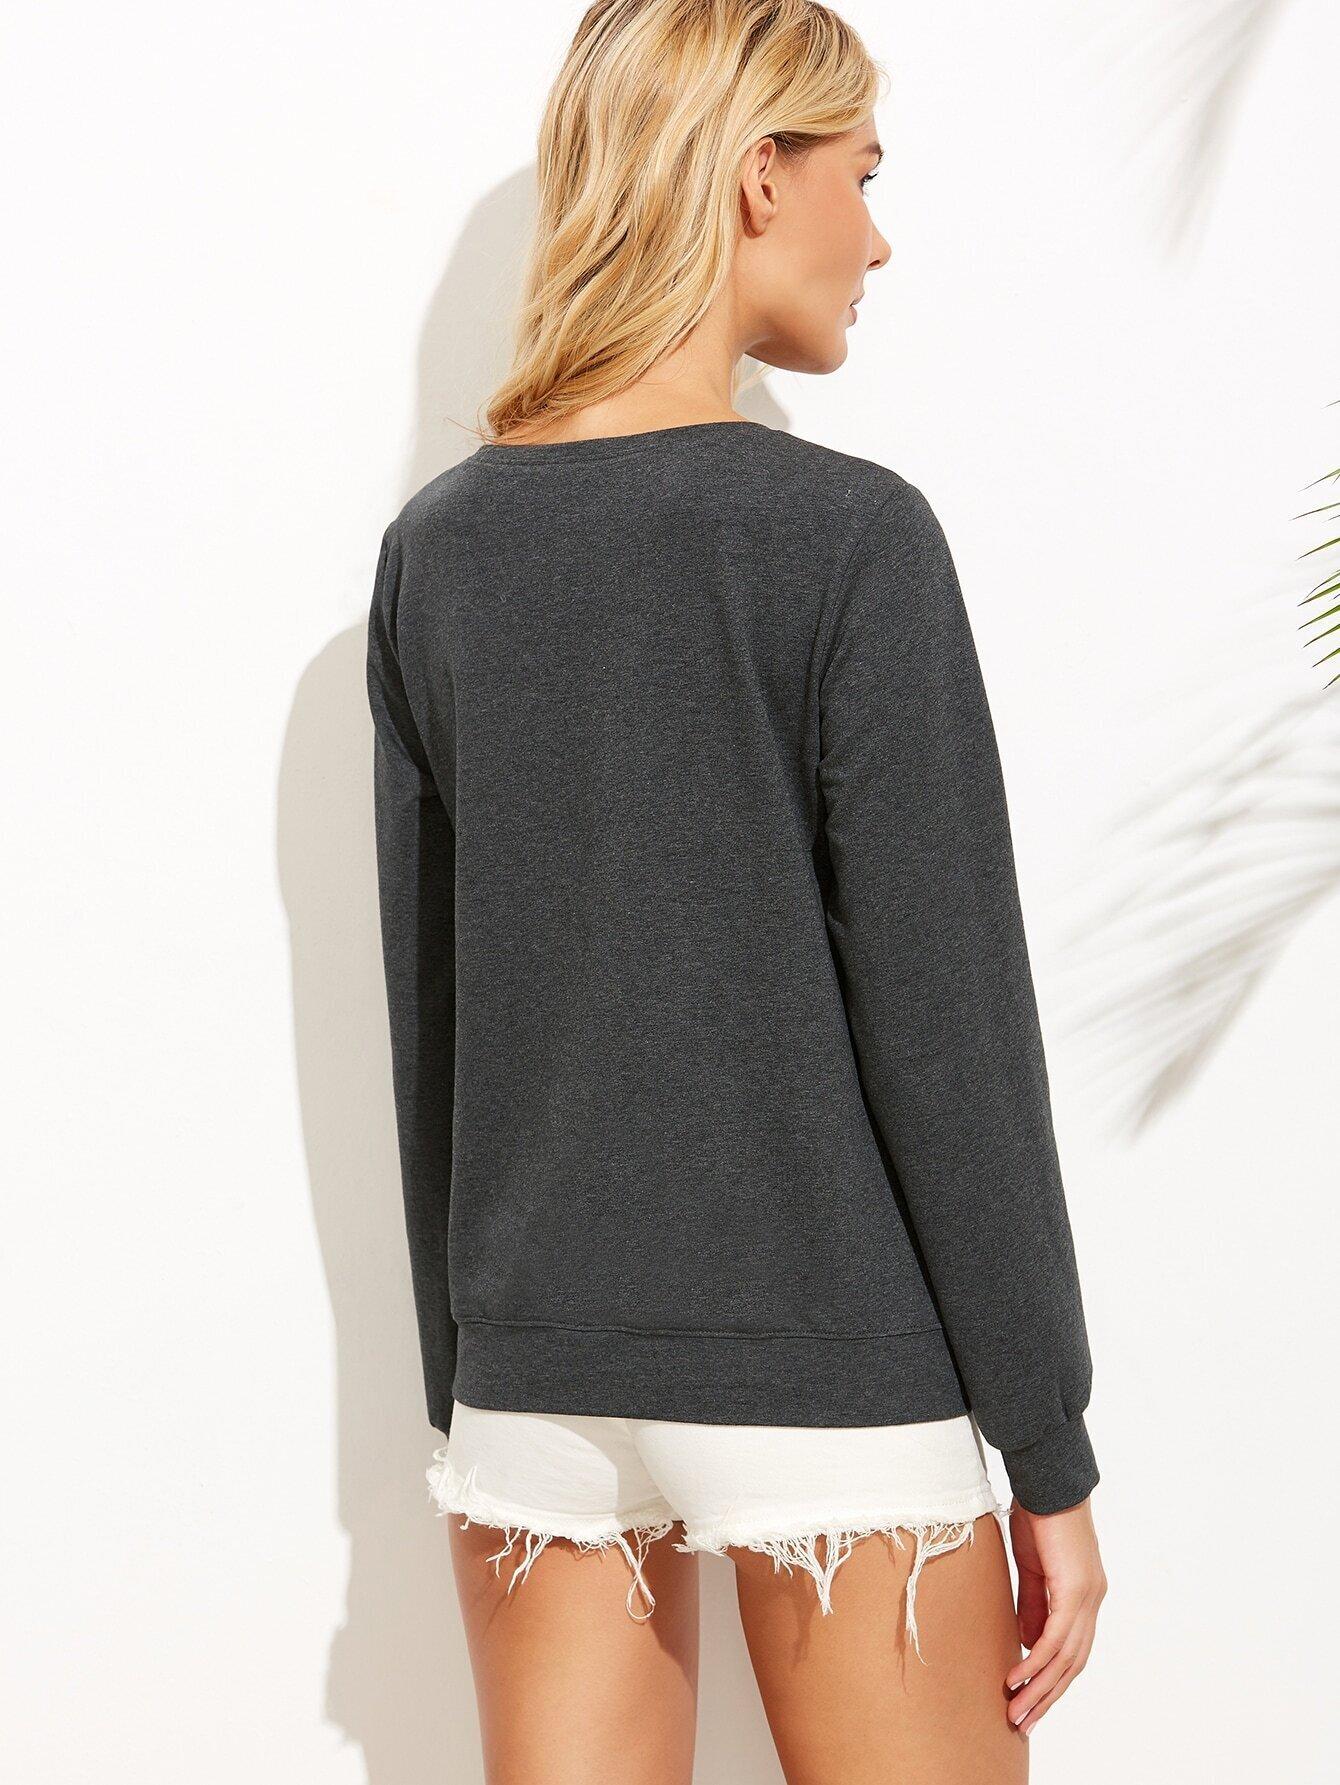 sweatshirt160819702_2